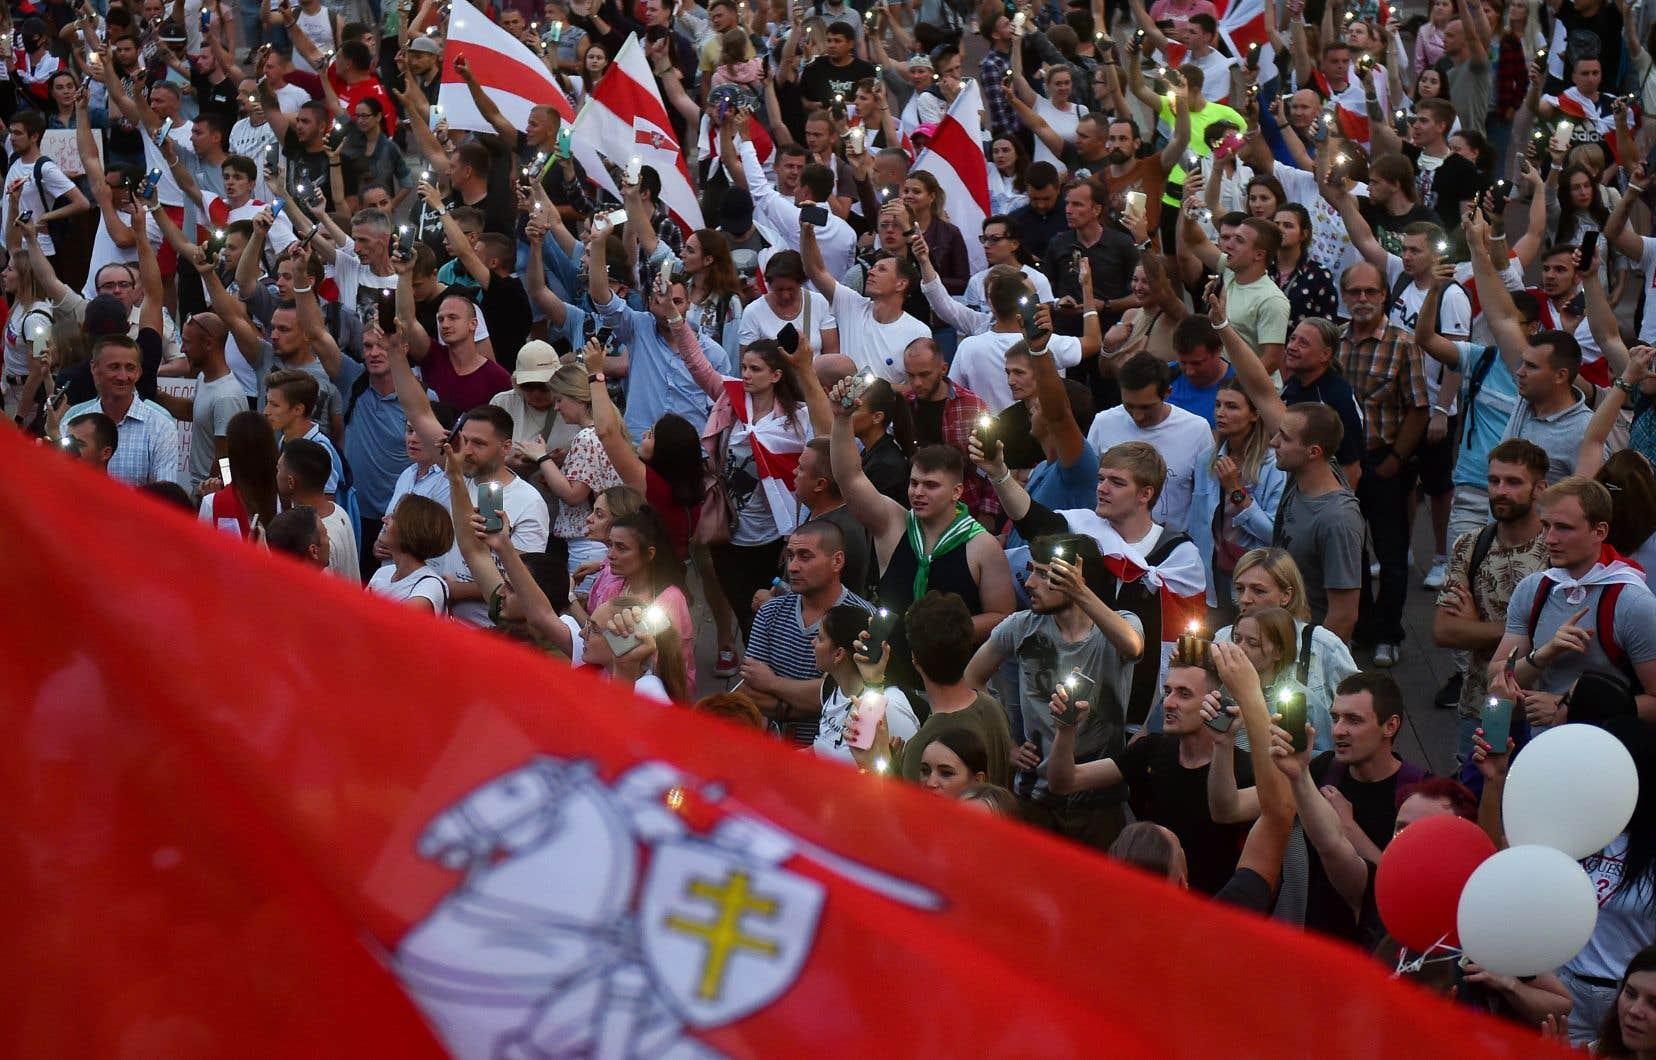 La Biélorussie fait aujourd'hui face à des manifestations sans précédent, rappellent les auteurs.